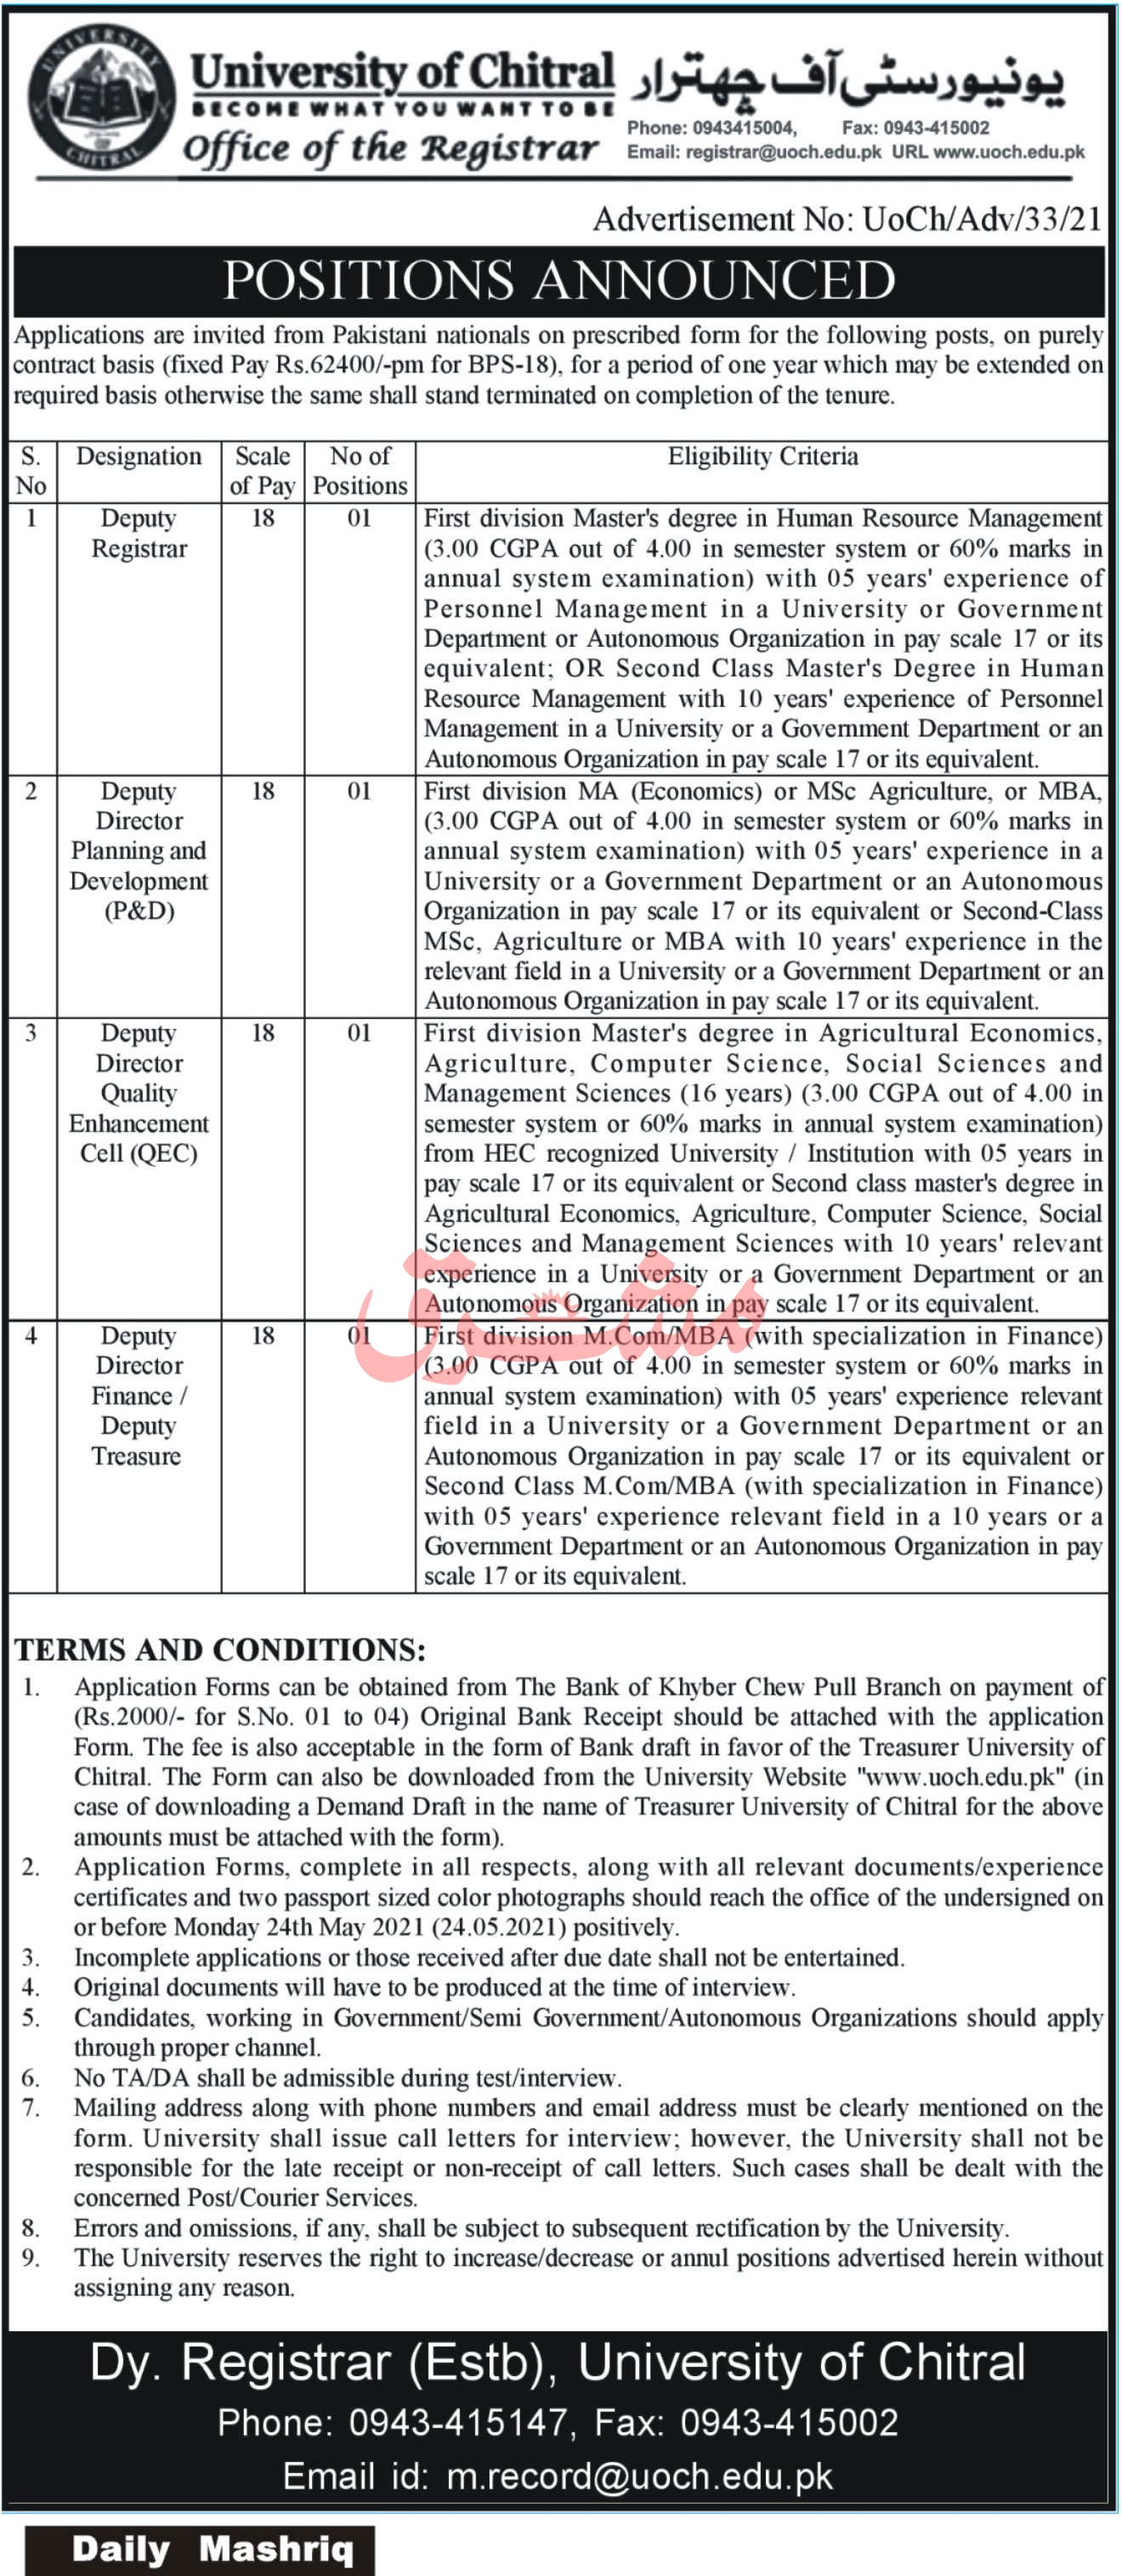 University of Chitral Jobs Asst Registrar & Deputy Director